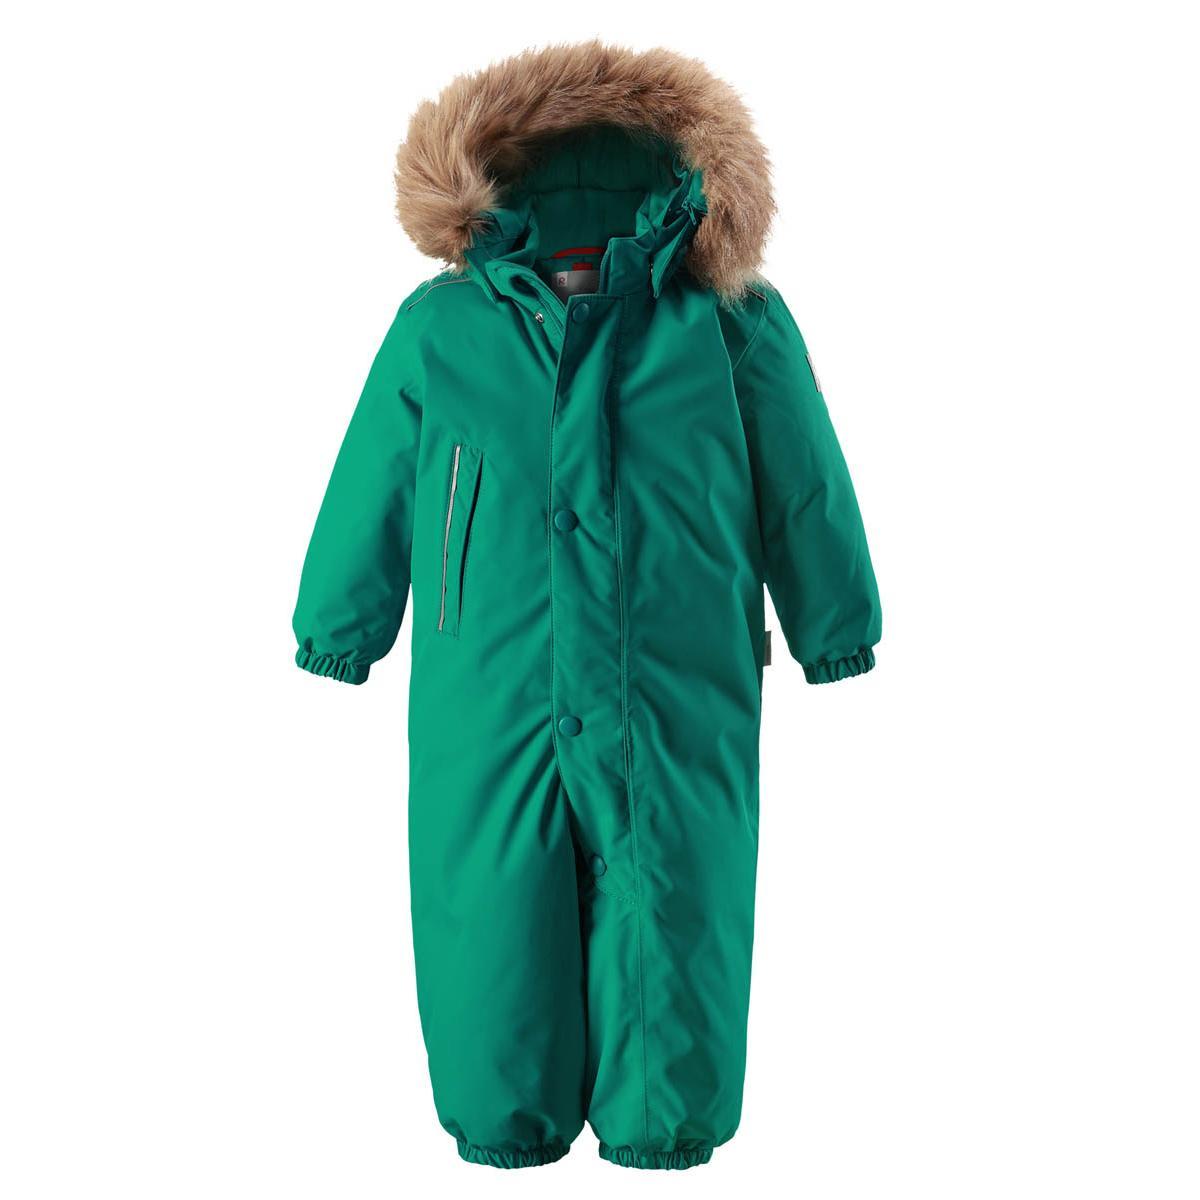 Купить Комбинезон горнолыжный Reima 2017-18 Gotland Green, Детская одежда, 1364907